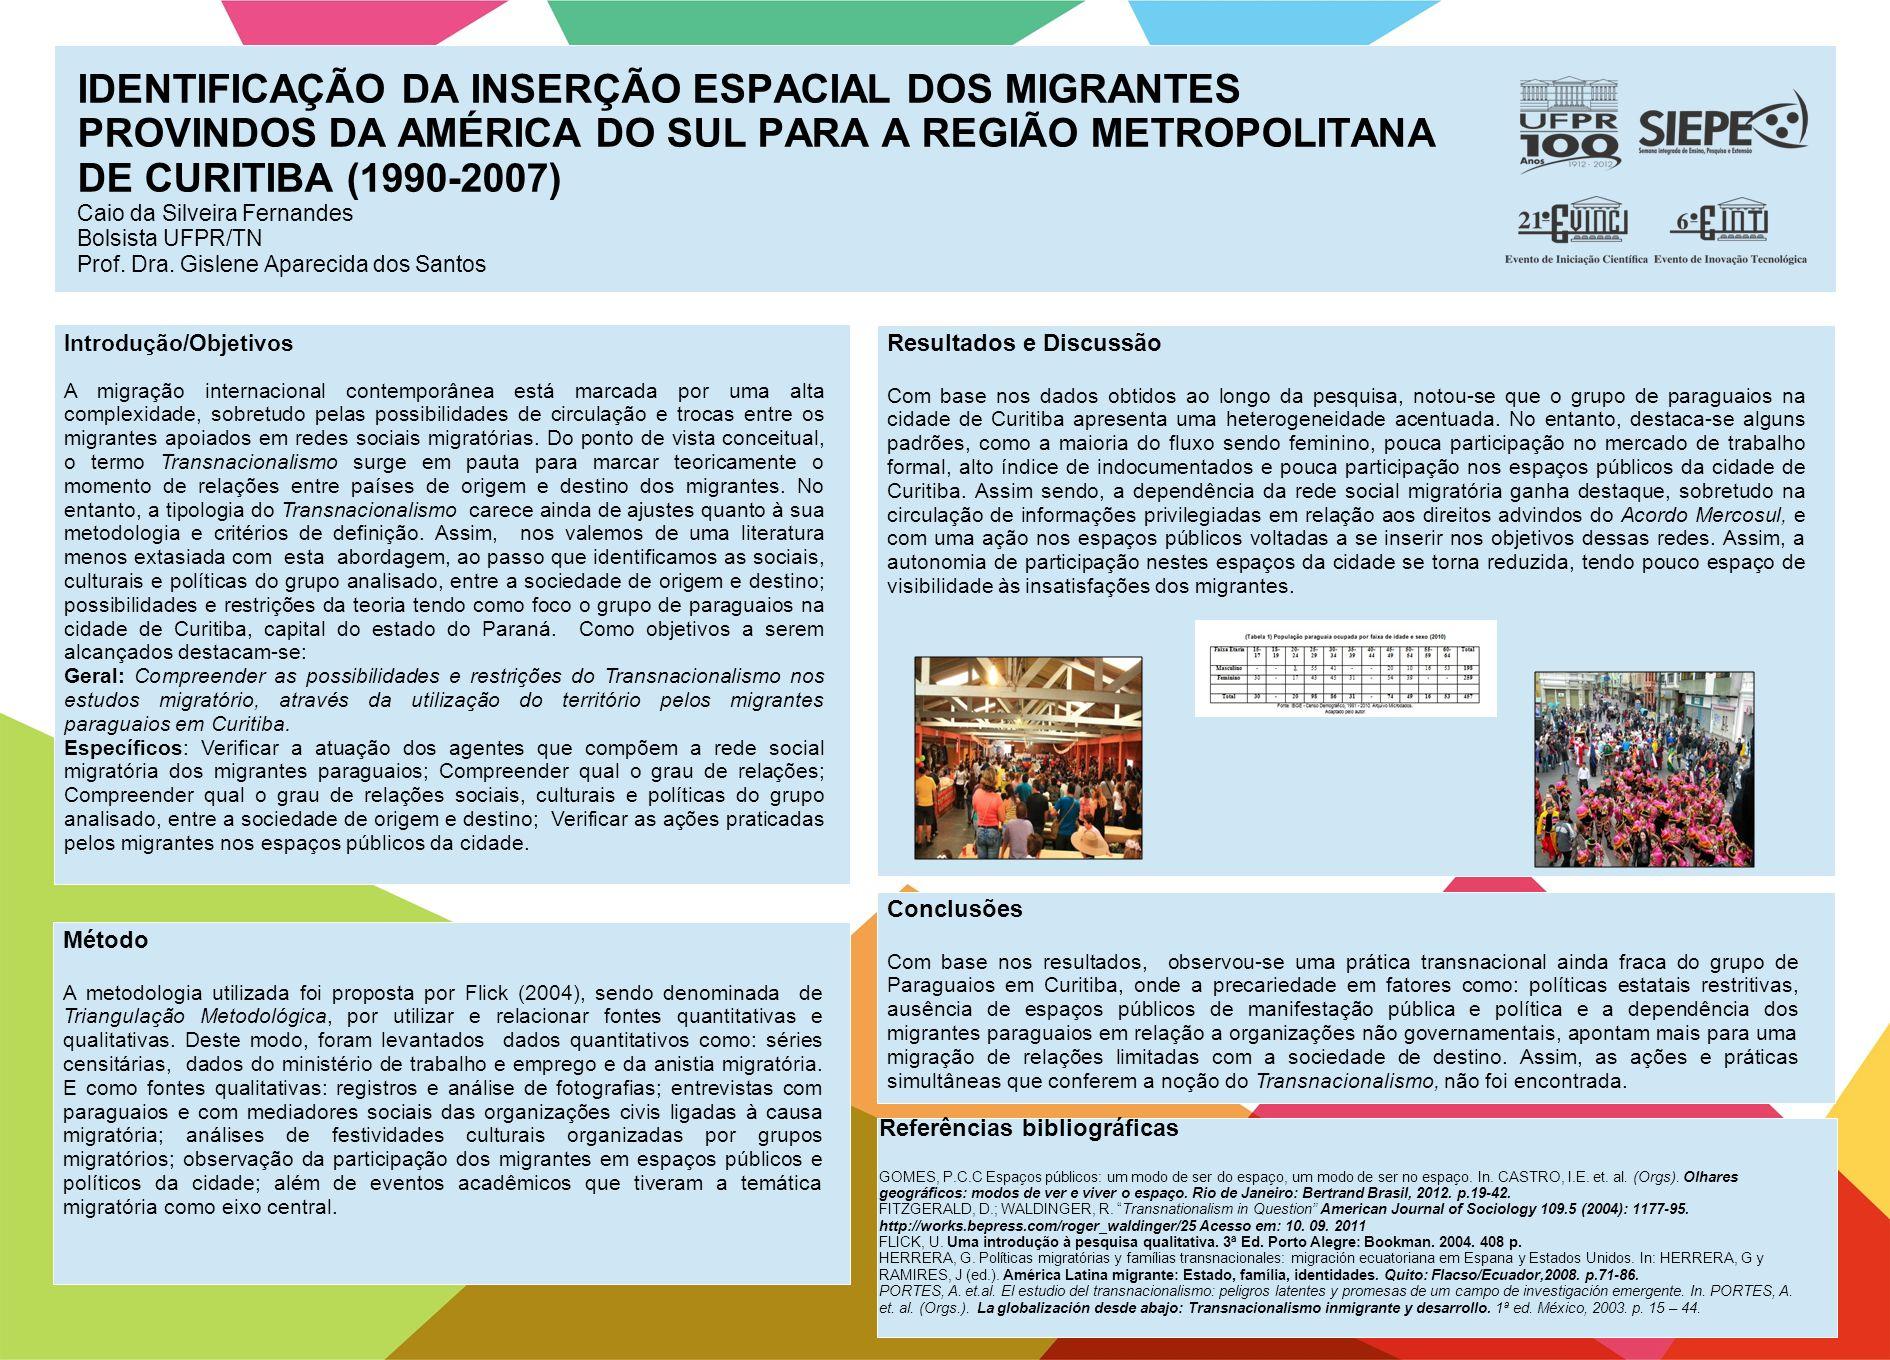 IDENTIFICAÇÃO DA INSERÇÃO ESPACIAL DOS MIGRANTES PROVINDOS DA AMÉRICA DO SUL PARA A REGIÃO METROPOLITANA DE CURITIBA (1990-2007) Caio da Silveira Fernandes Bolsista UFPR/TN Prof.